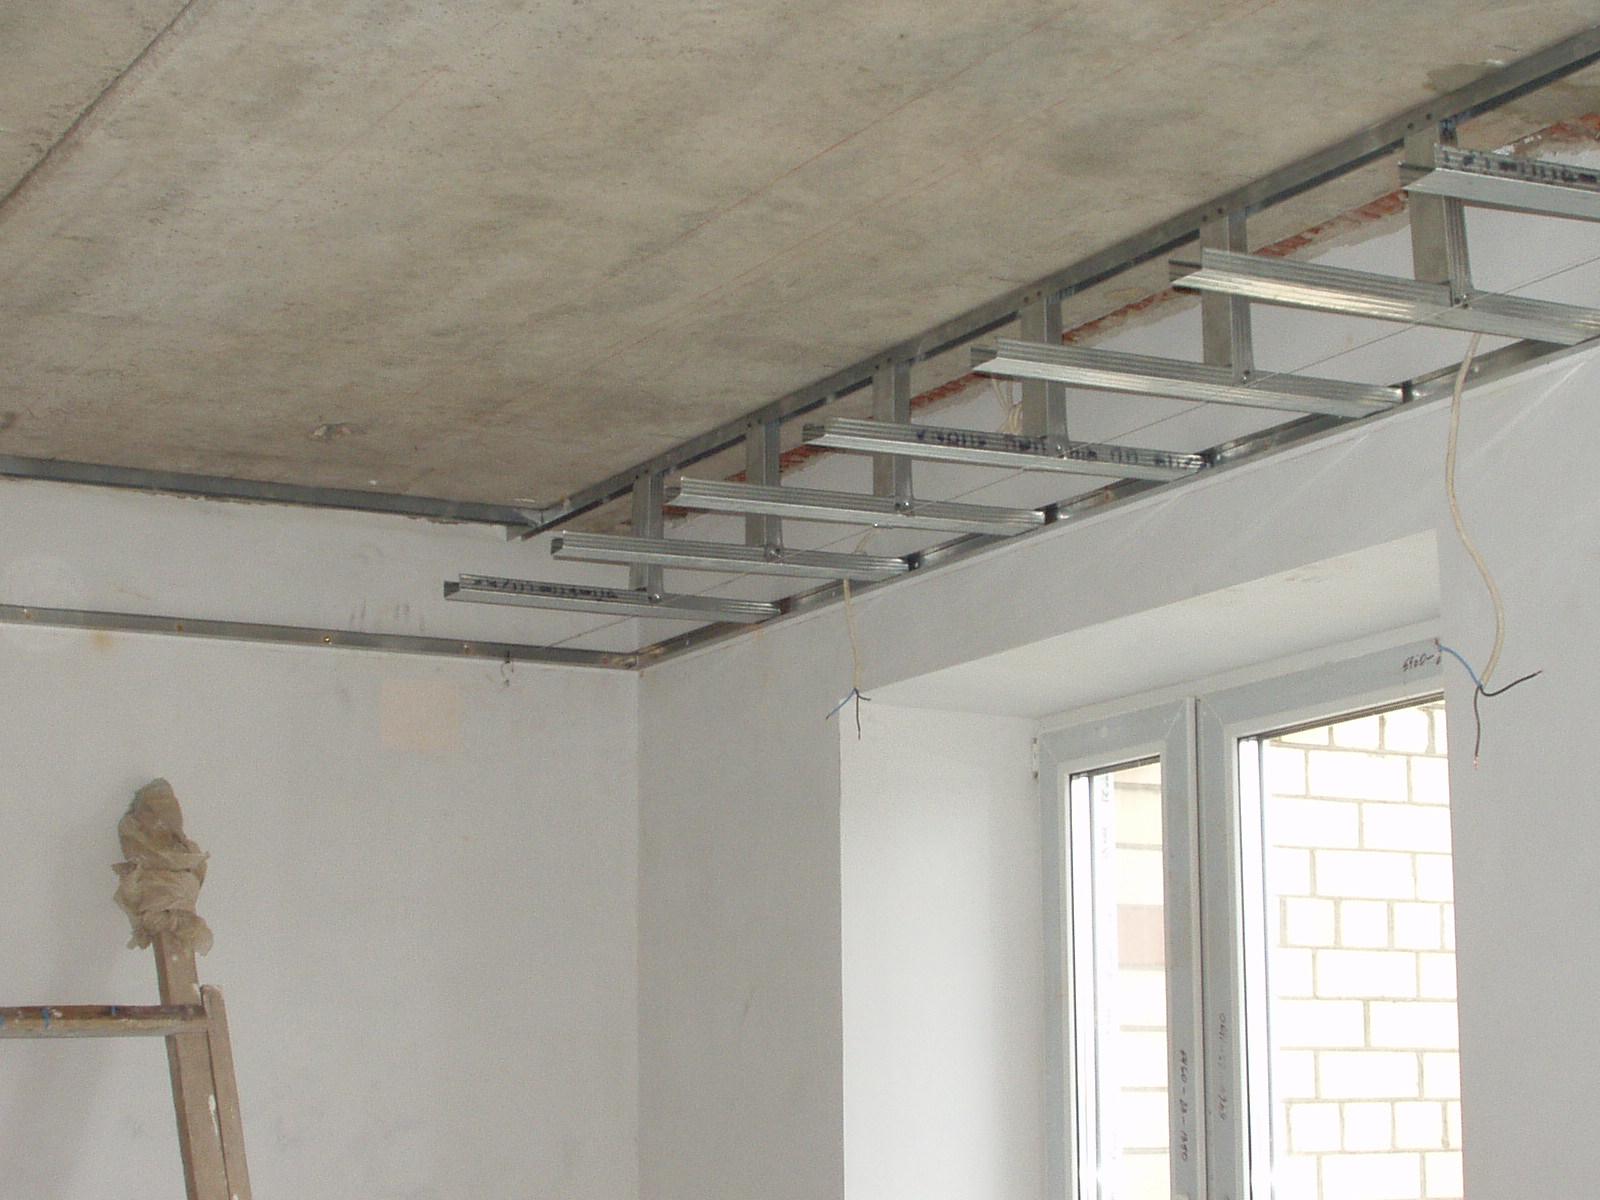 хорошему, обогнать каркасные потолки из гипсокартона фото отделочного материала